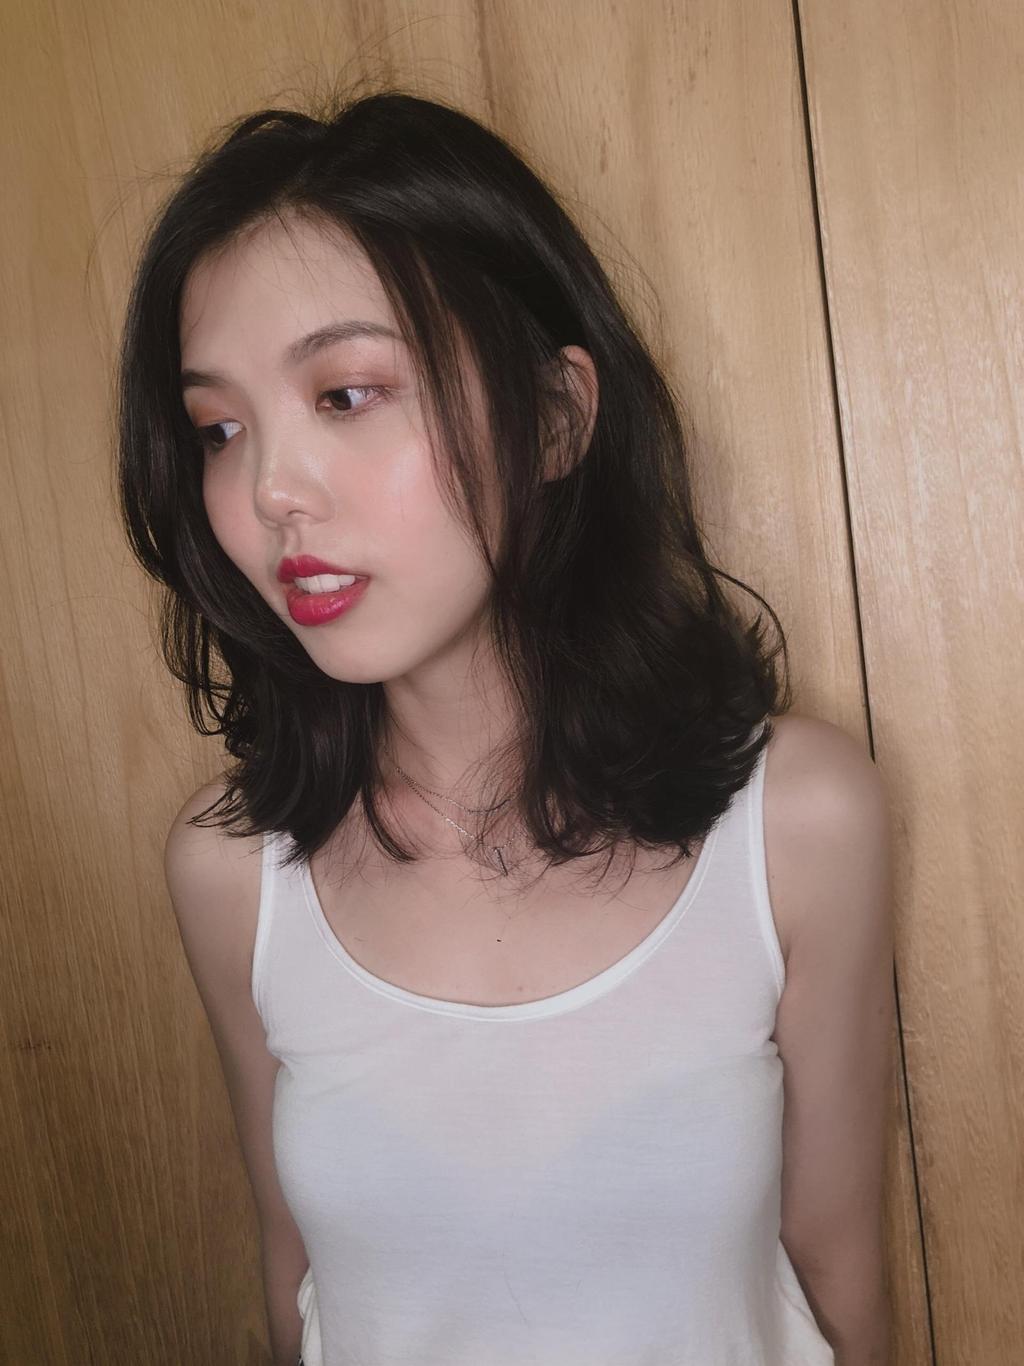 嫵媚動人的鎖骨微卷髮修飾臉型的功能超強大,想要輕鬆好整理的女神髮型就把這張髮型❤起來準沒錯!